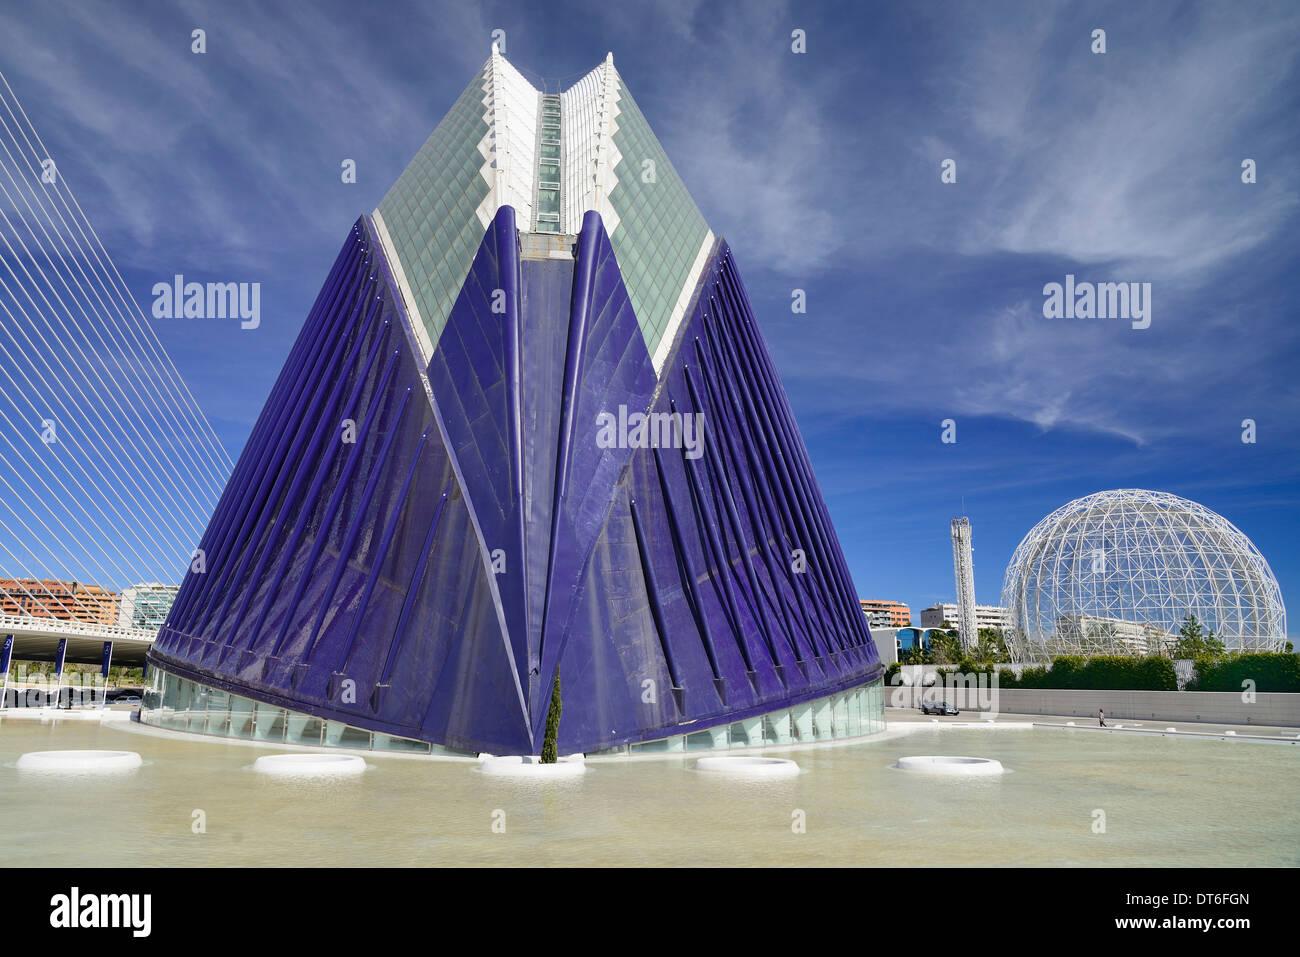 Spain, Valencia Province, Valencia, La Ciudad de las Artes y las Ciencias, City of Arts and Sciences, The Agora building. - Stock Image